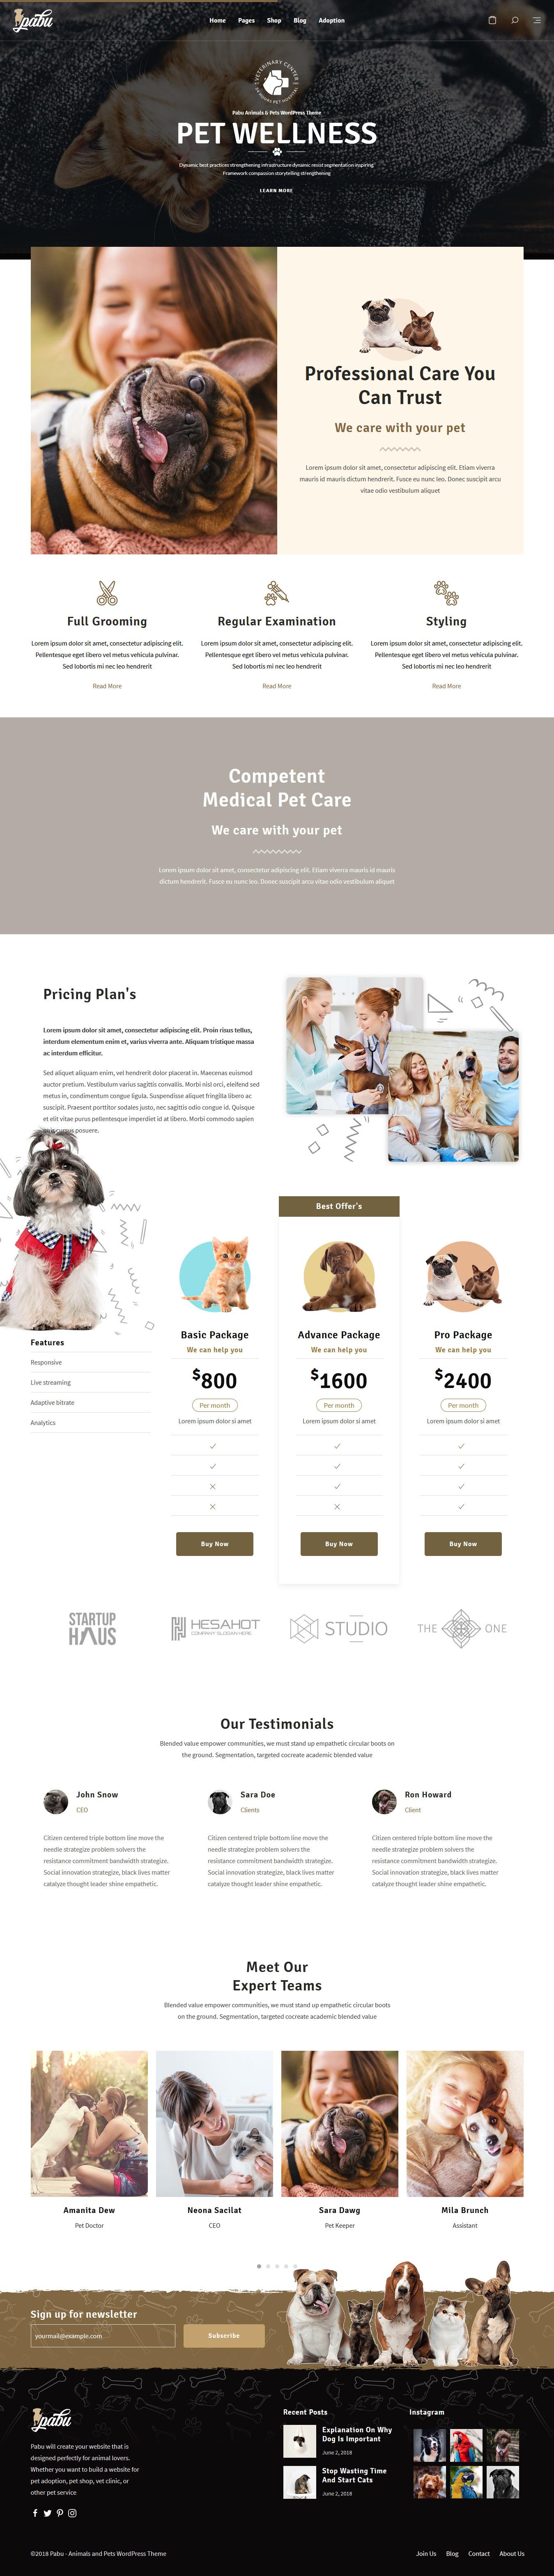 pabu best premium animal and pet wordpress theme - 10+ Best Premium Animal and Pet WordPress Themes